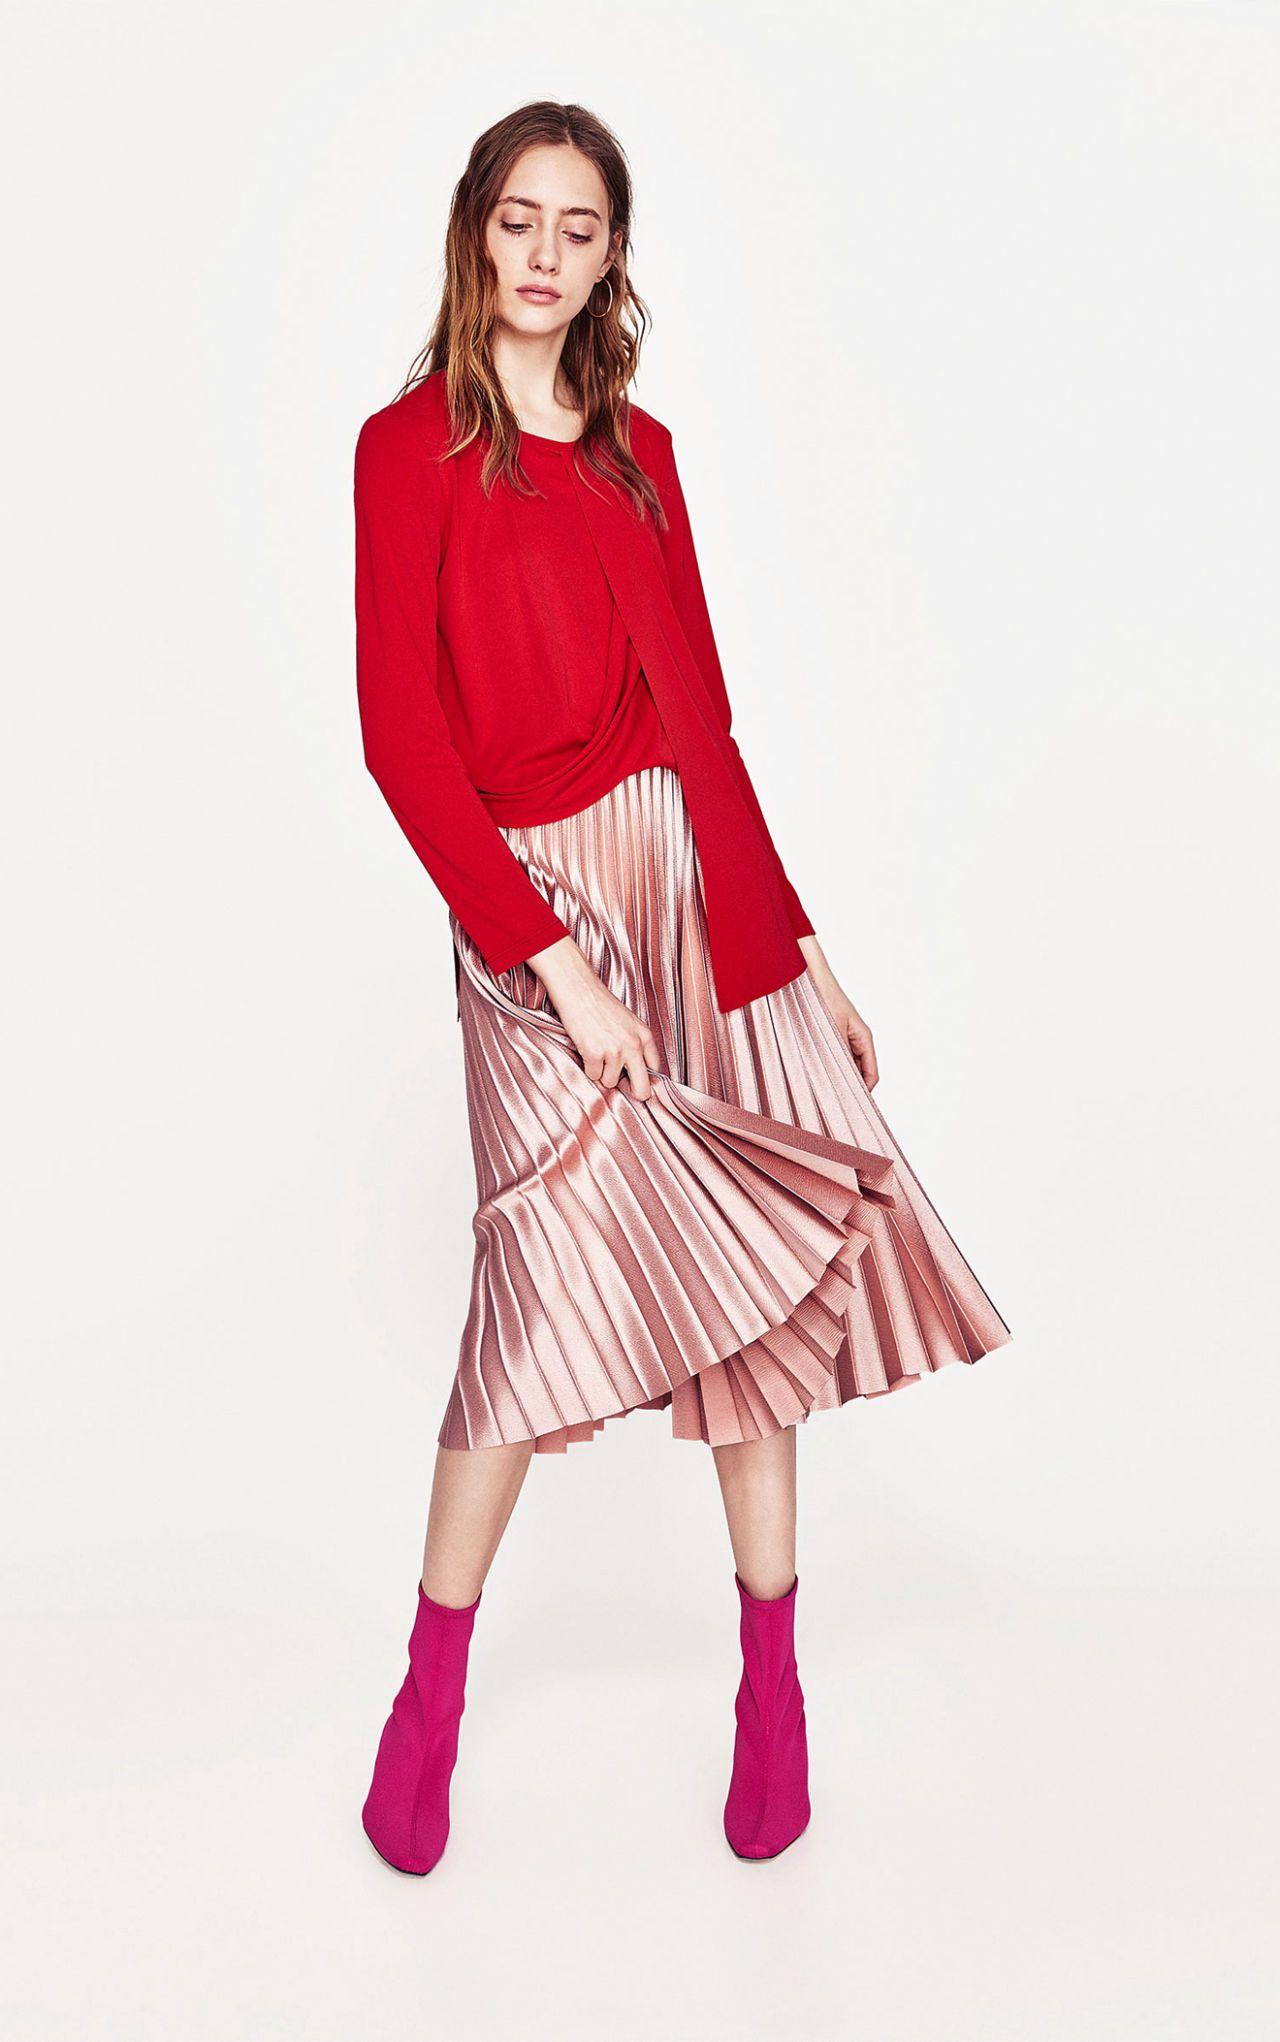 è fashion rosa nuova Zara di gonna plissettata ossessione la La wazqZXx